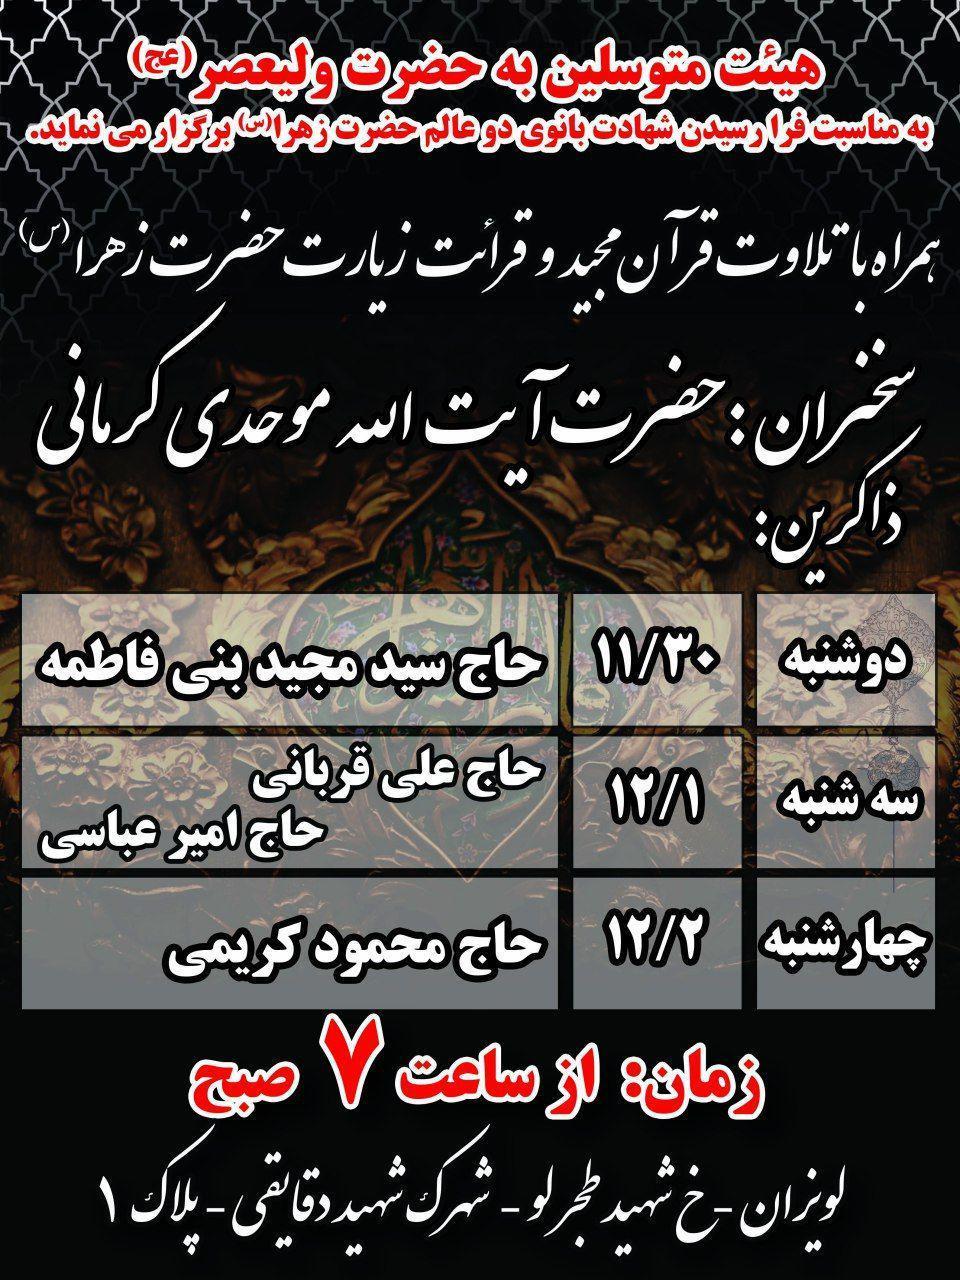 برنامه عزاداری به مناسب شهادت حضرت زهرا (س)